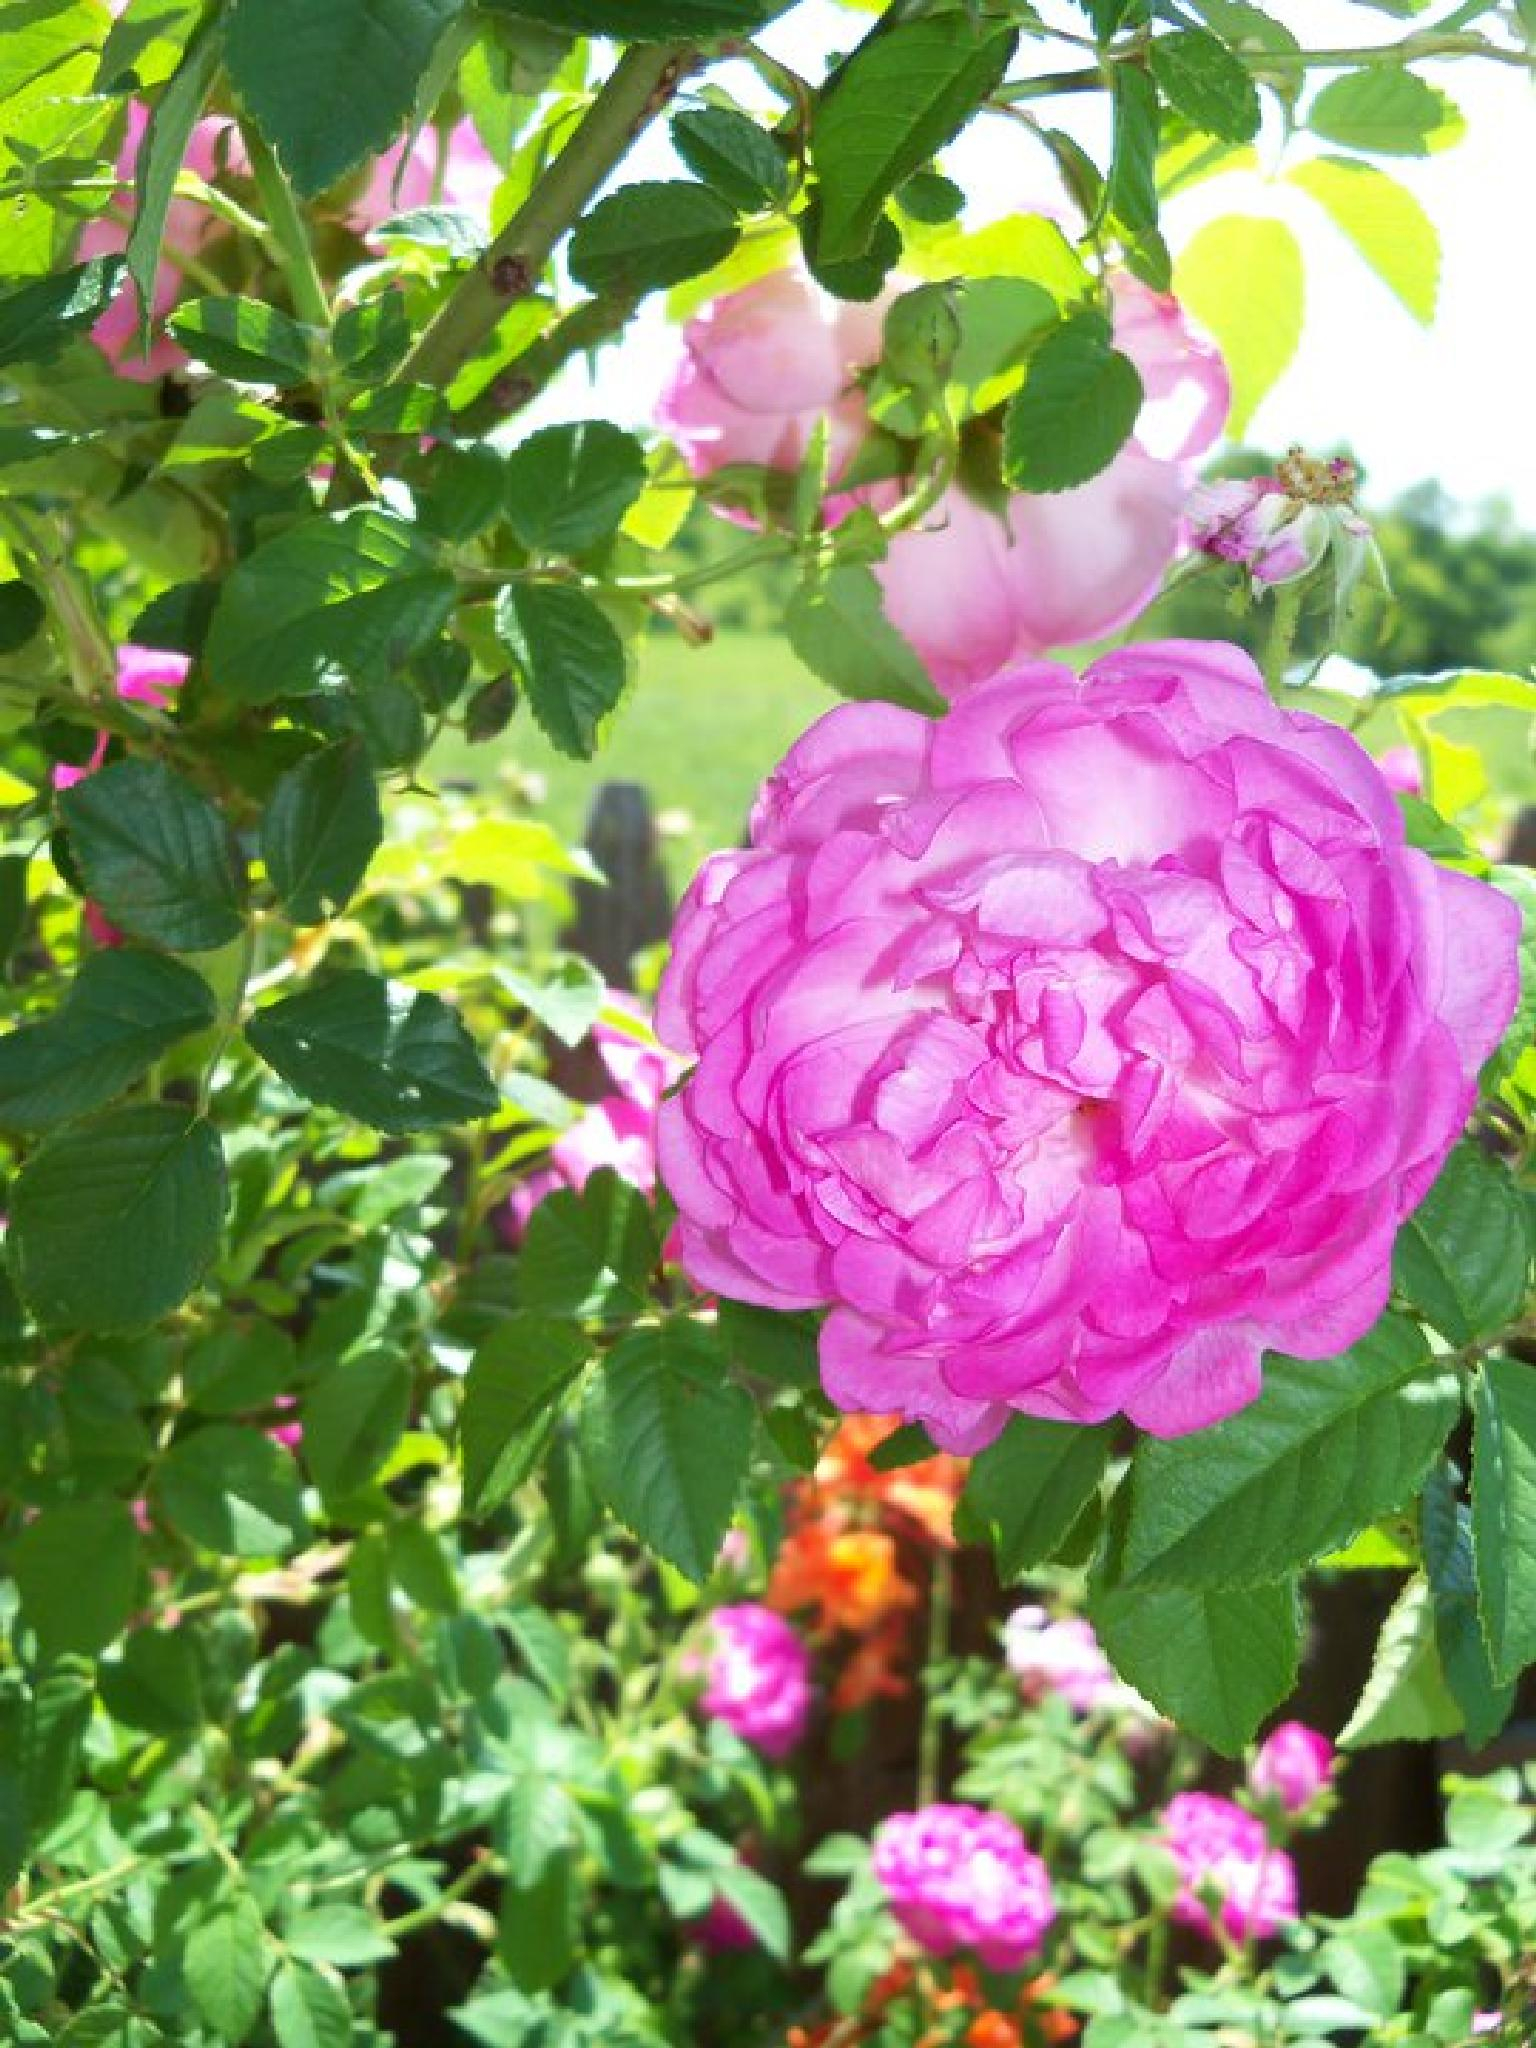 Grannys flower garden by fffastonly